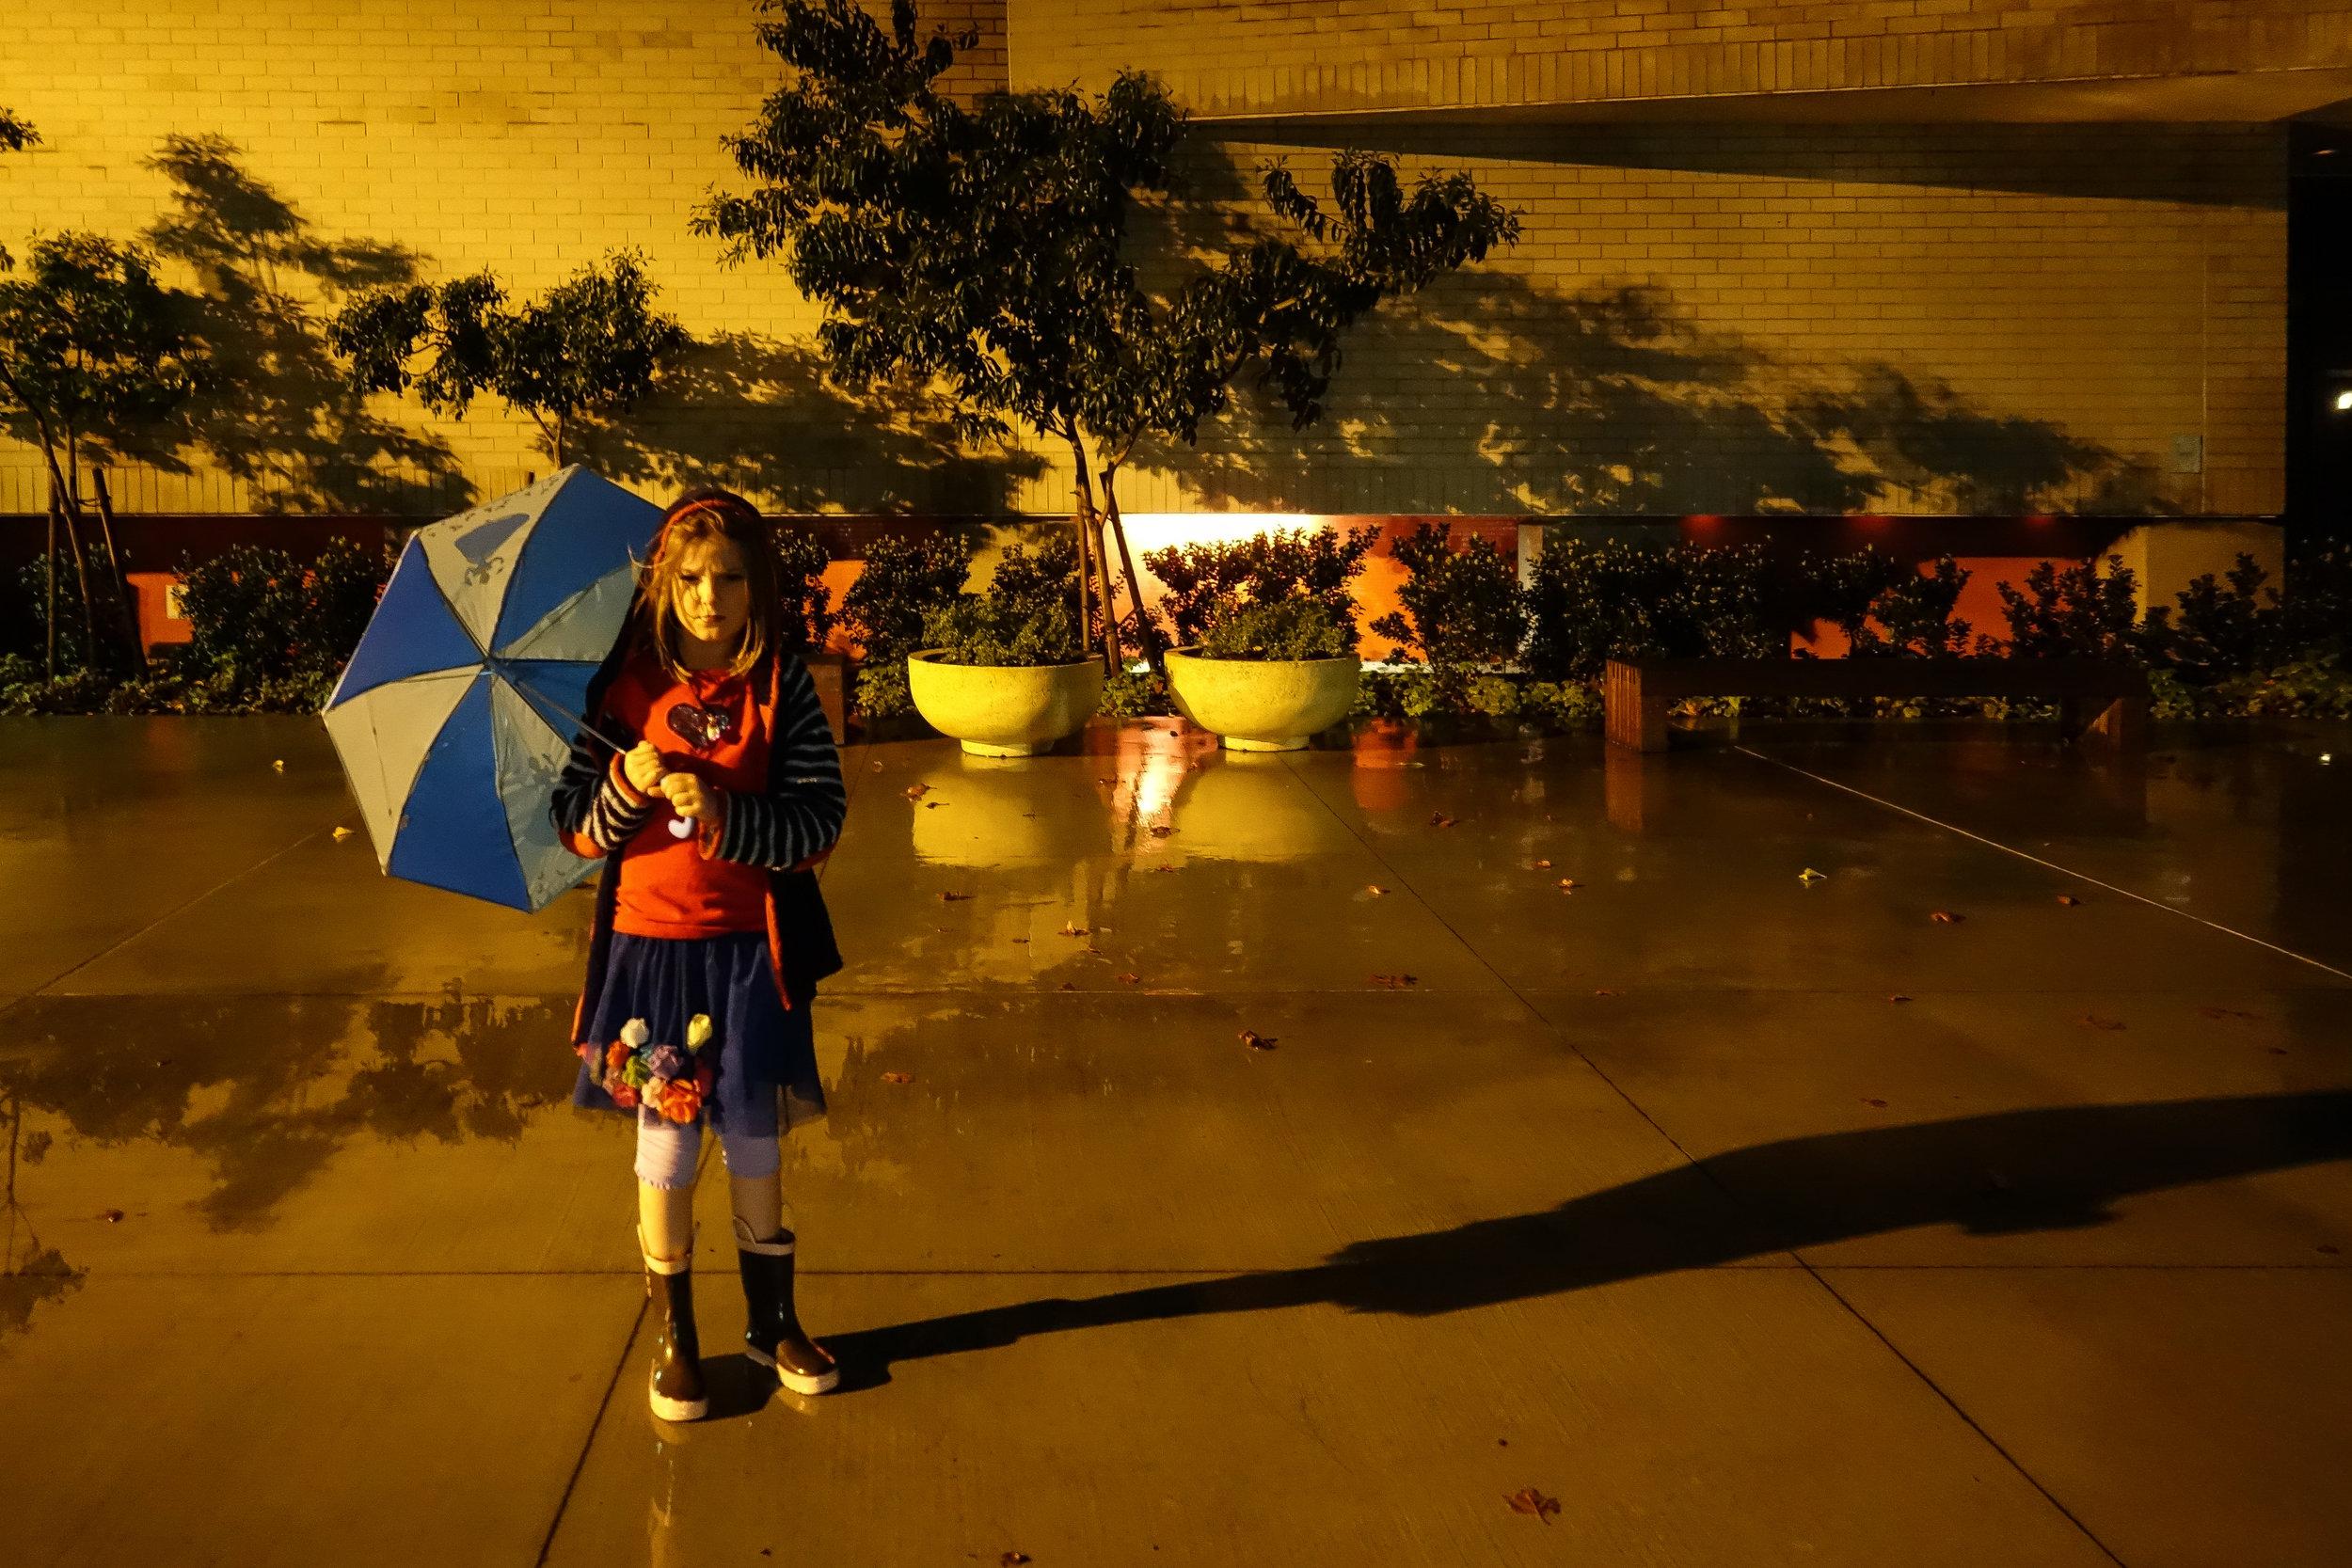 18-Polly-night-mall-1-00521.jpg